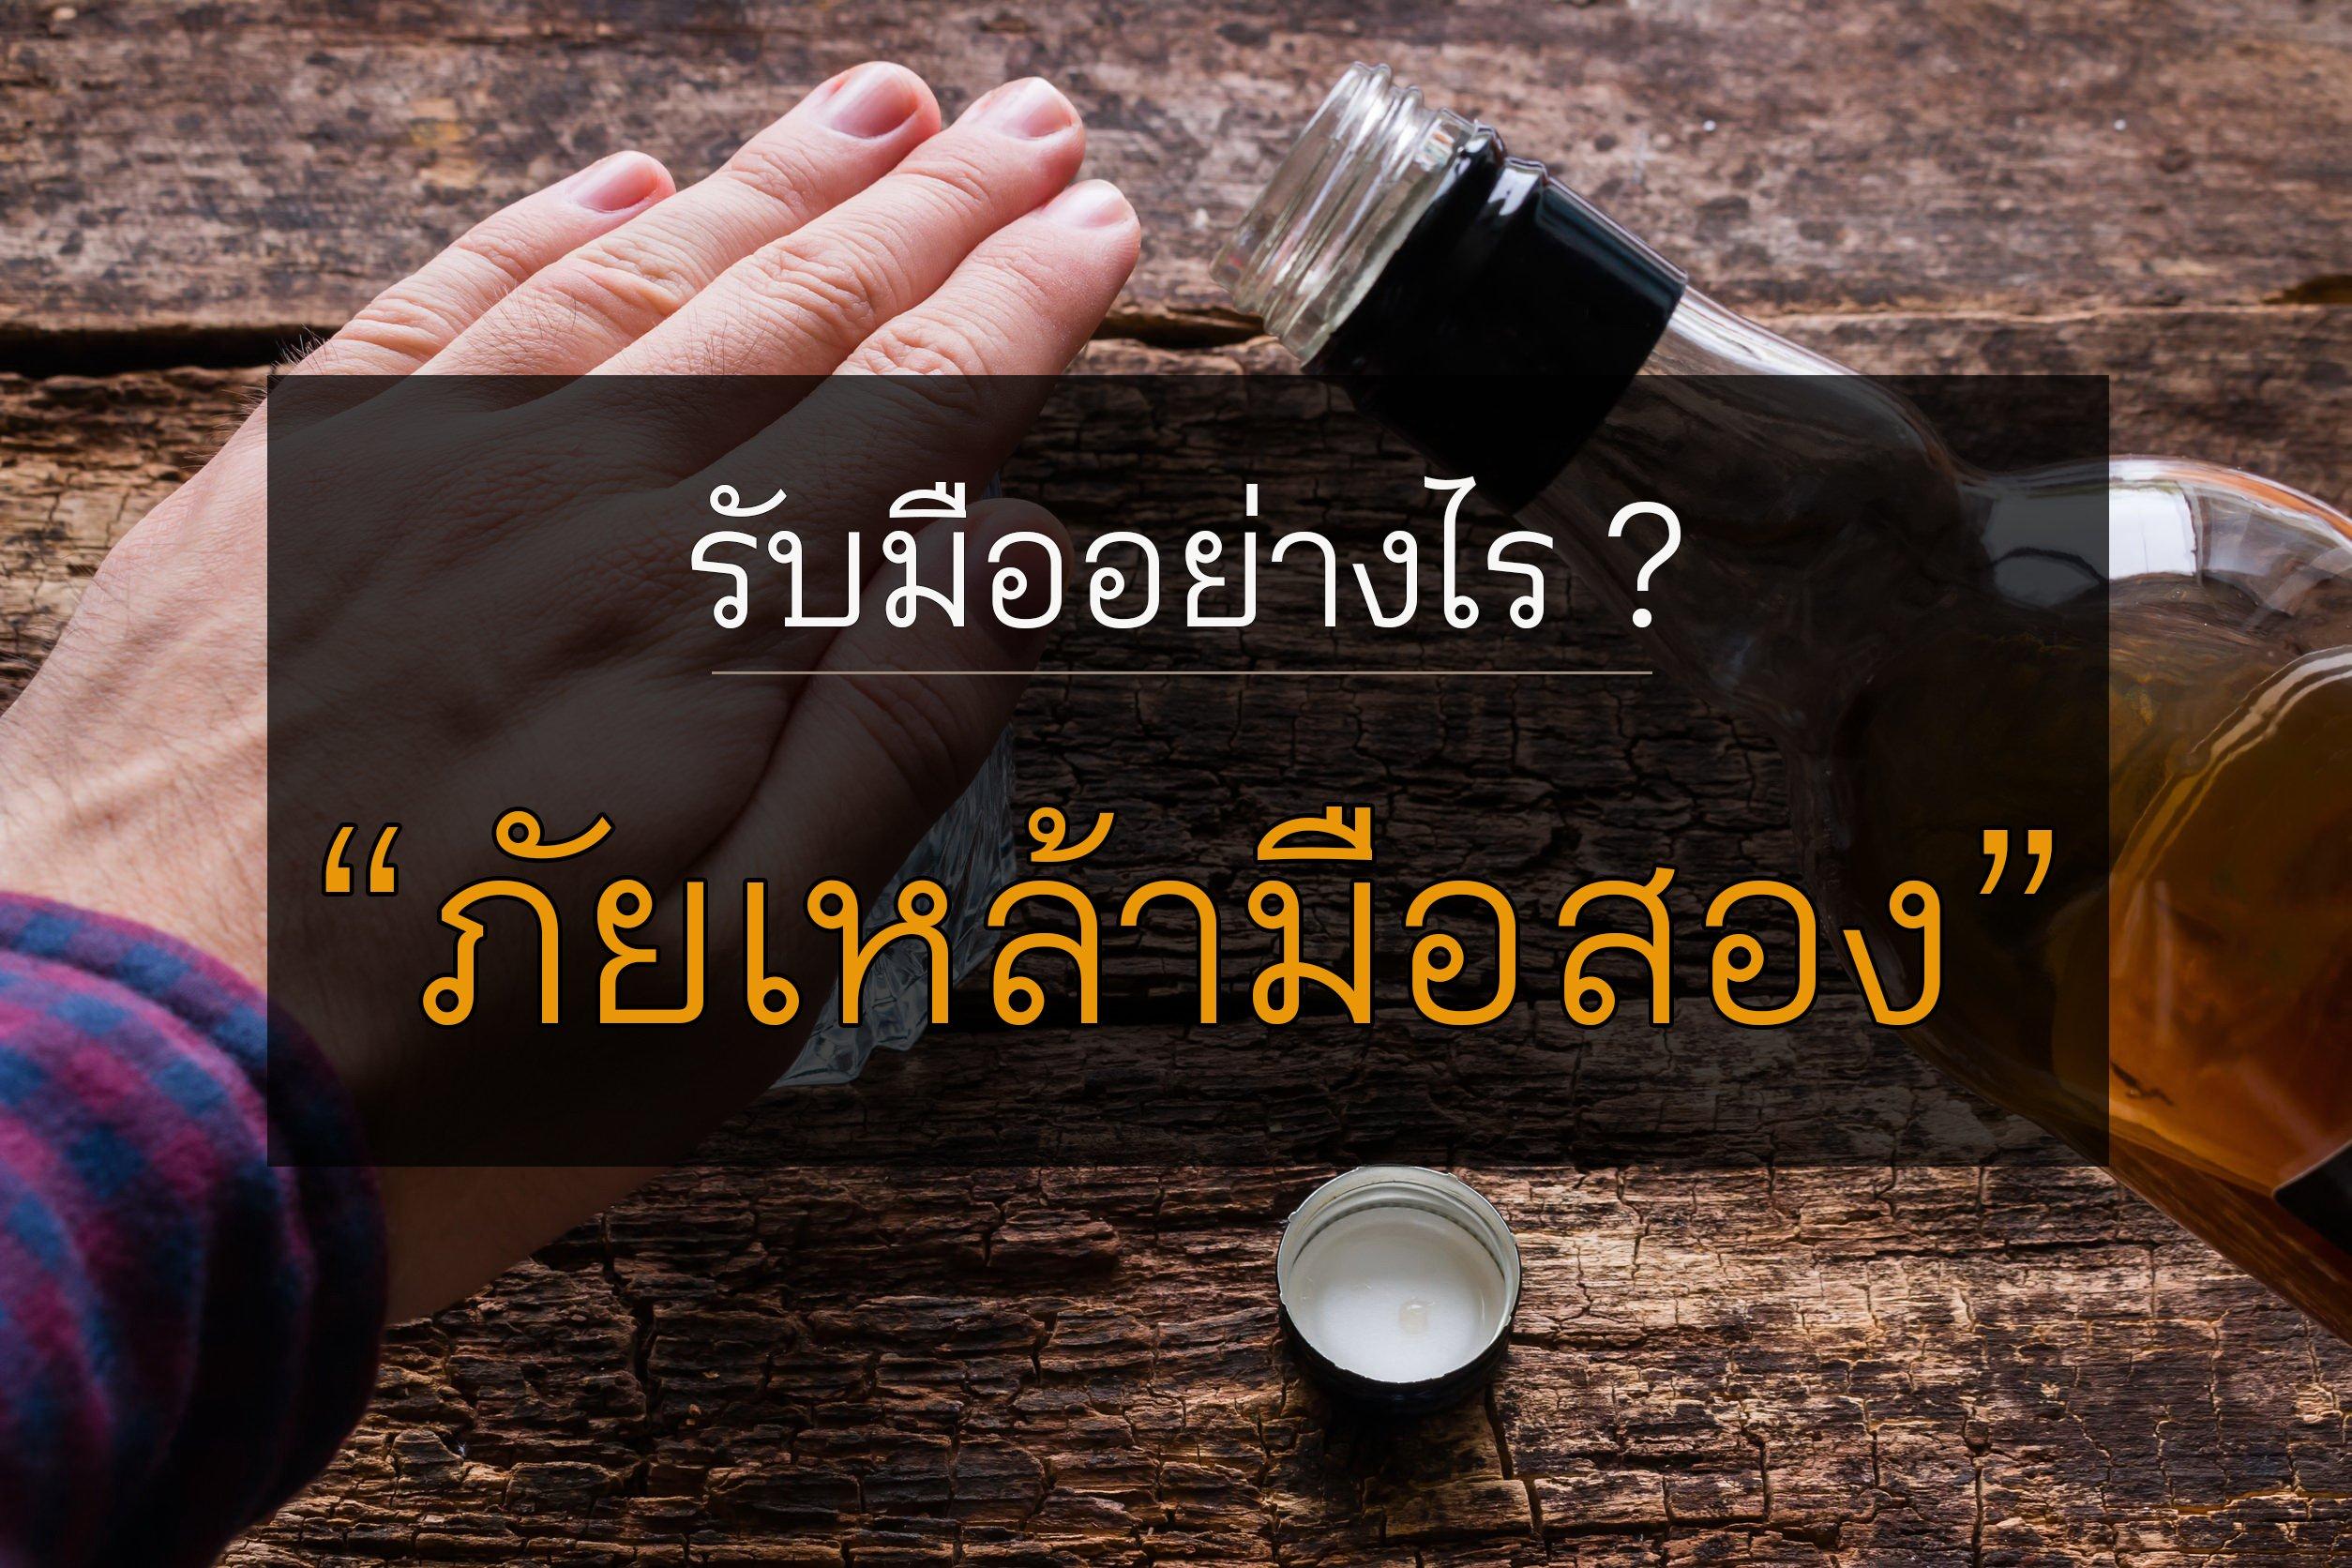 รับมืออย่างไร? กับภัยเหล้ามือสอง thaihealth